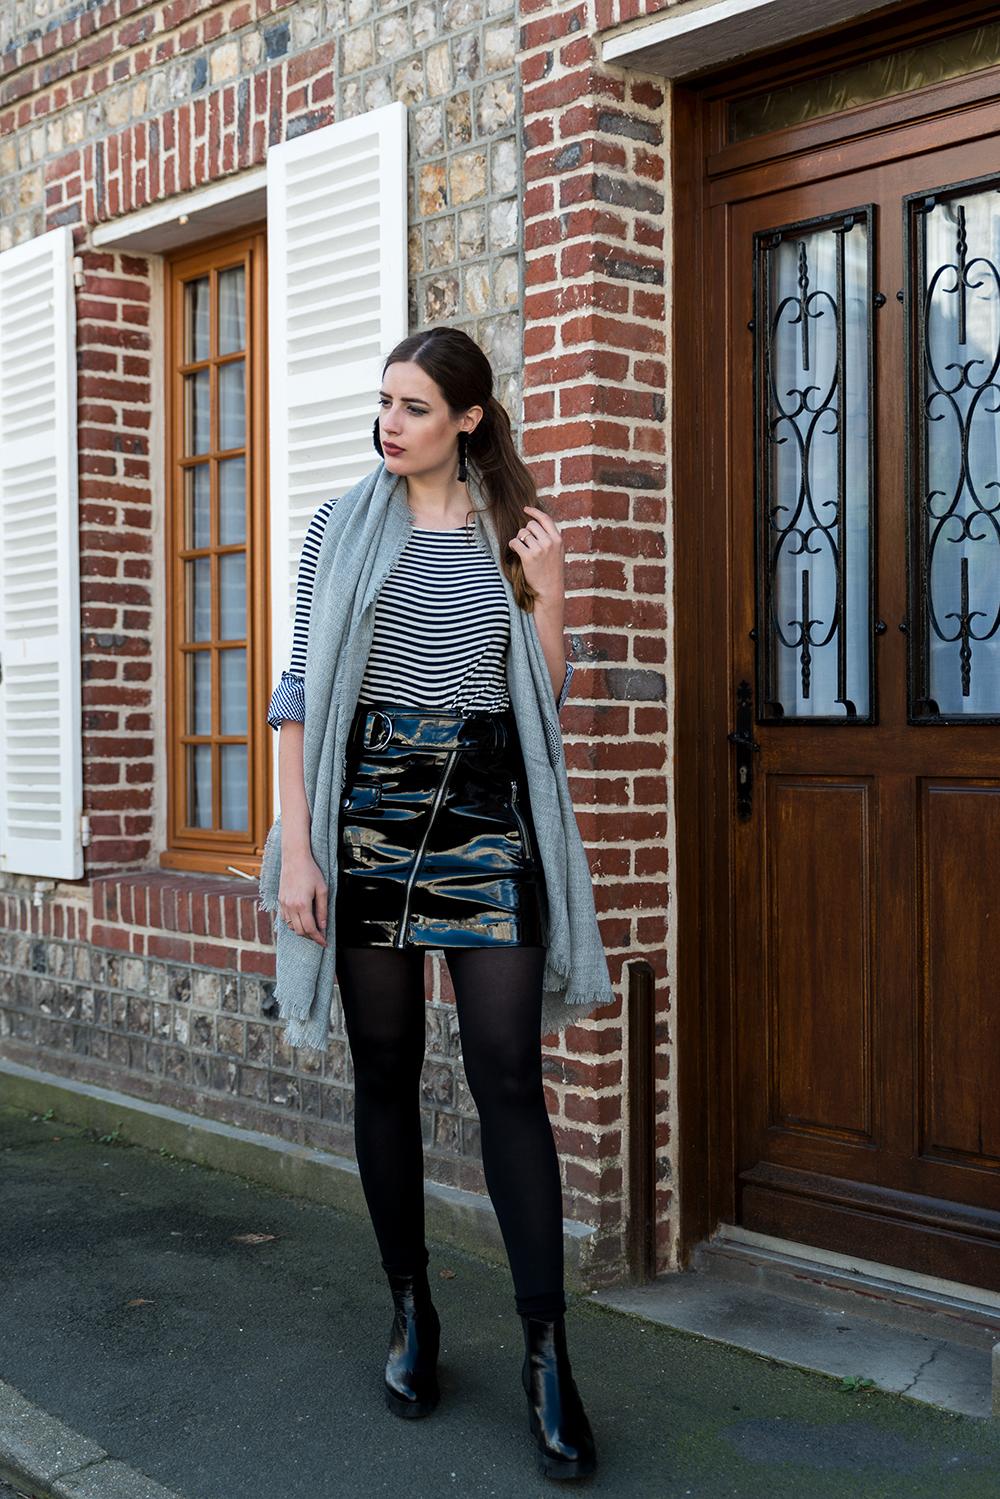 Pinterest Trends 2018-Fashion Trends 2018-Modeblog-Pinterest-andysparkles.de